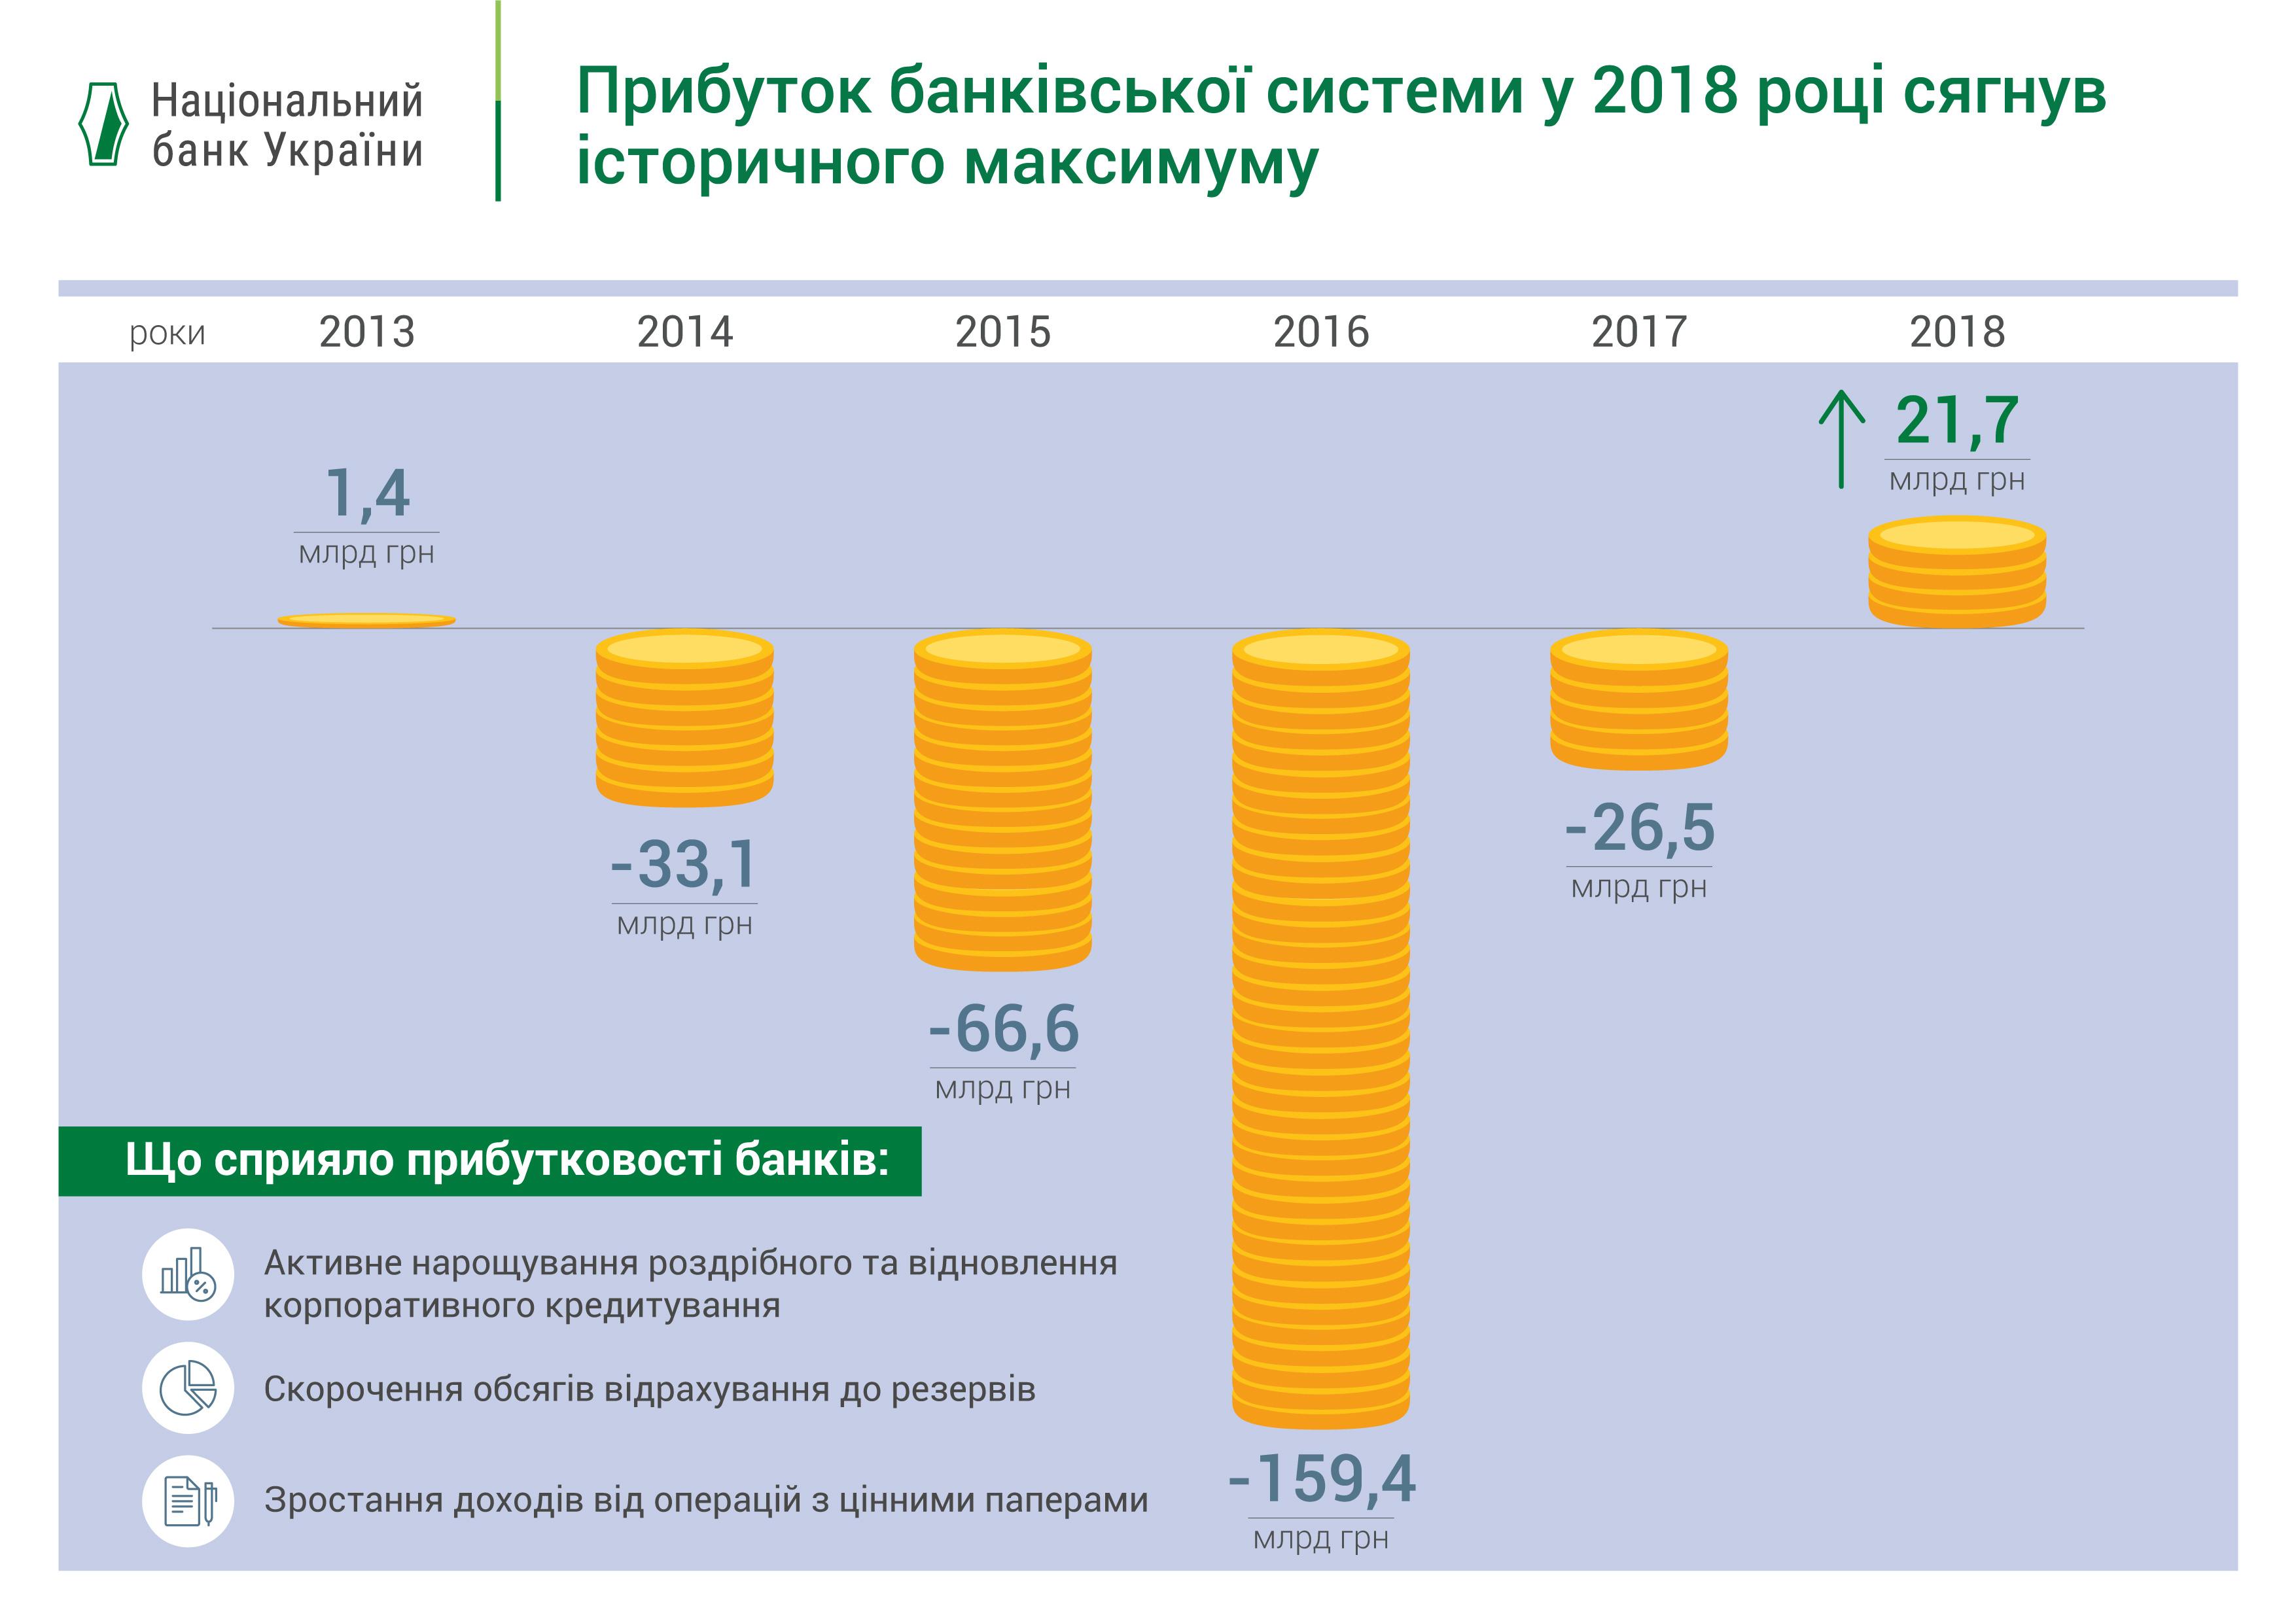 Прибыль банковской системы Украины